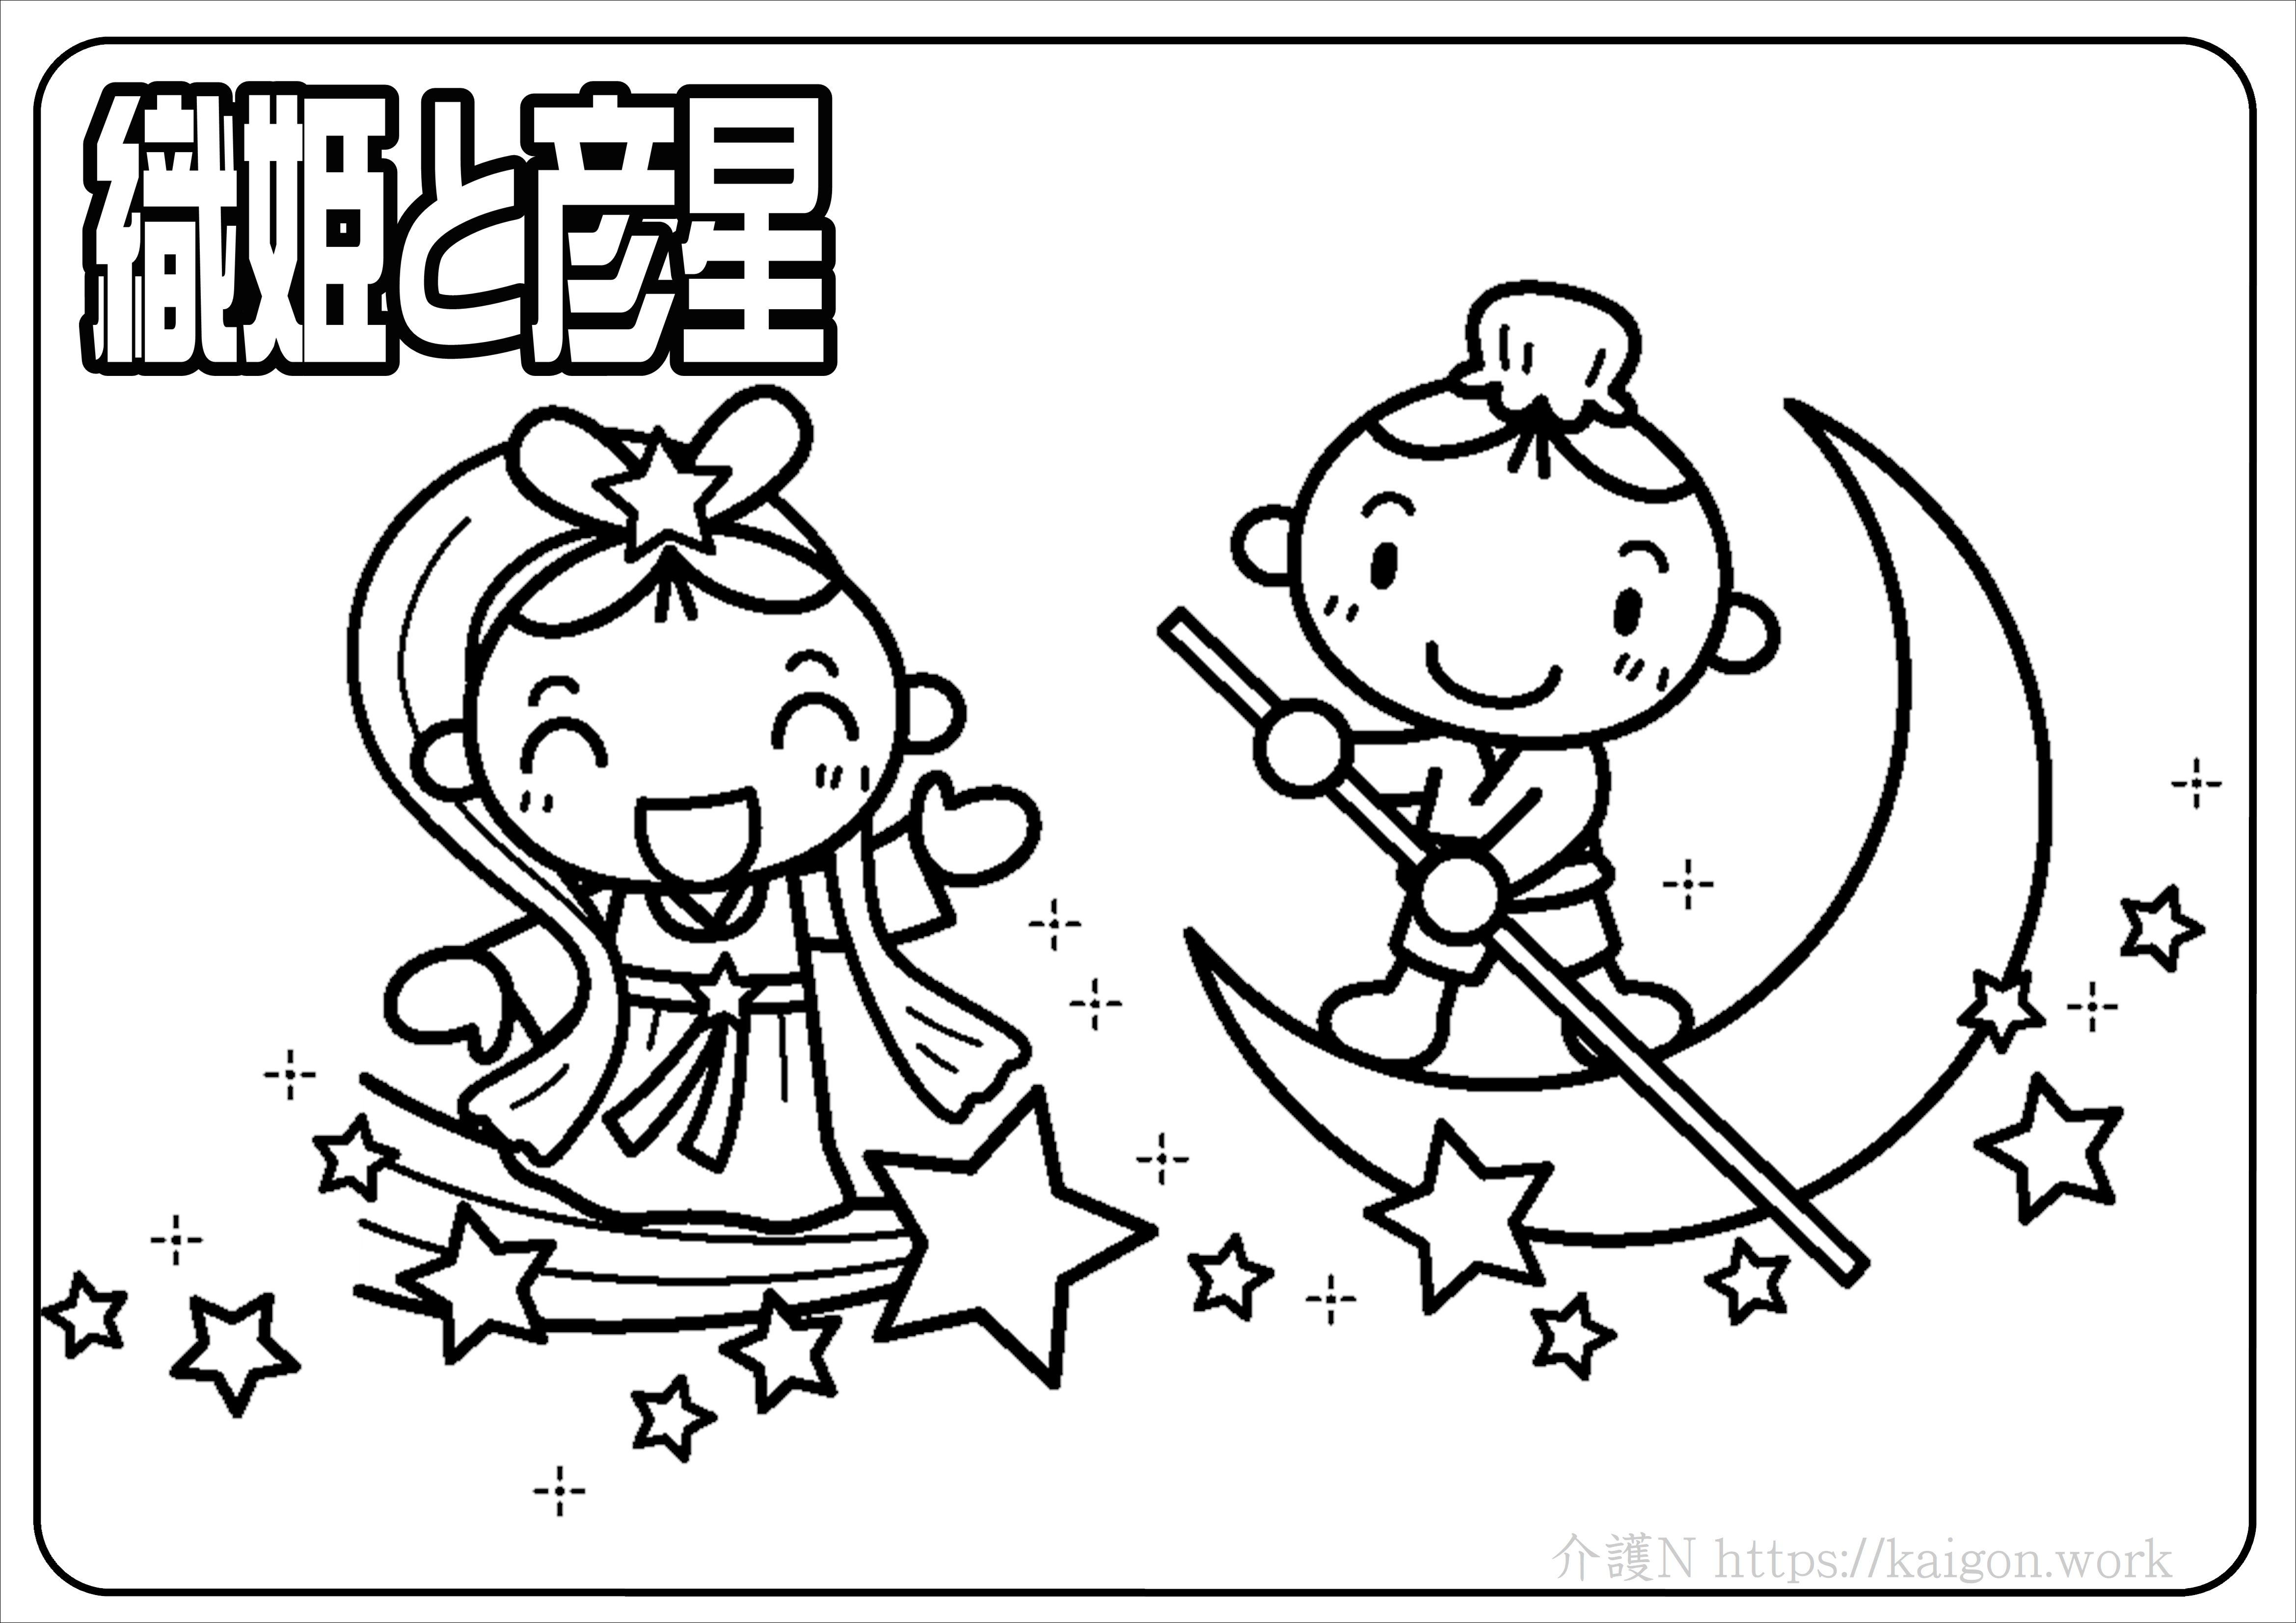 ぬり絵 ~織姫と彦星~